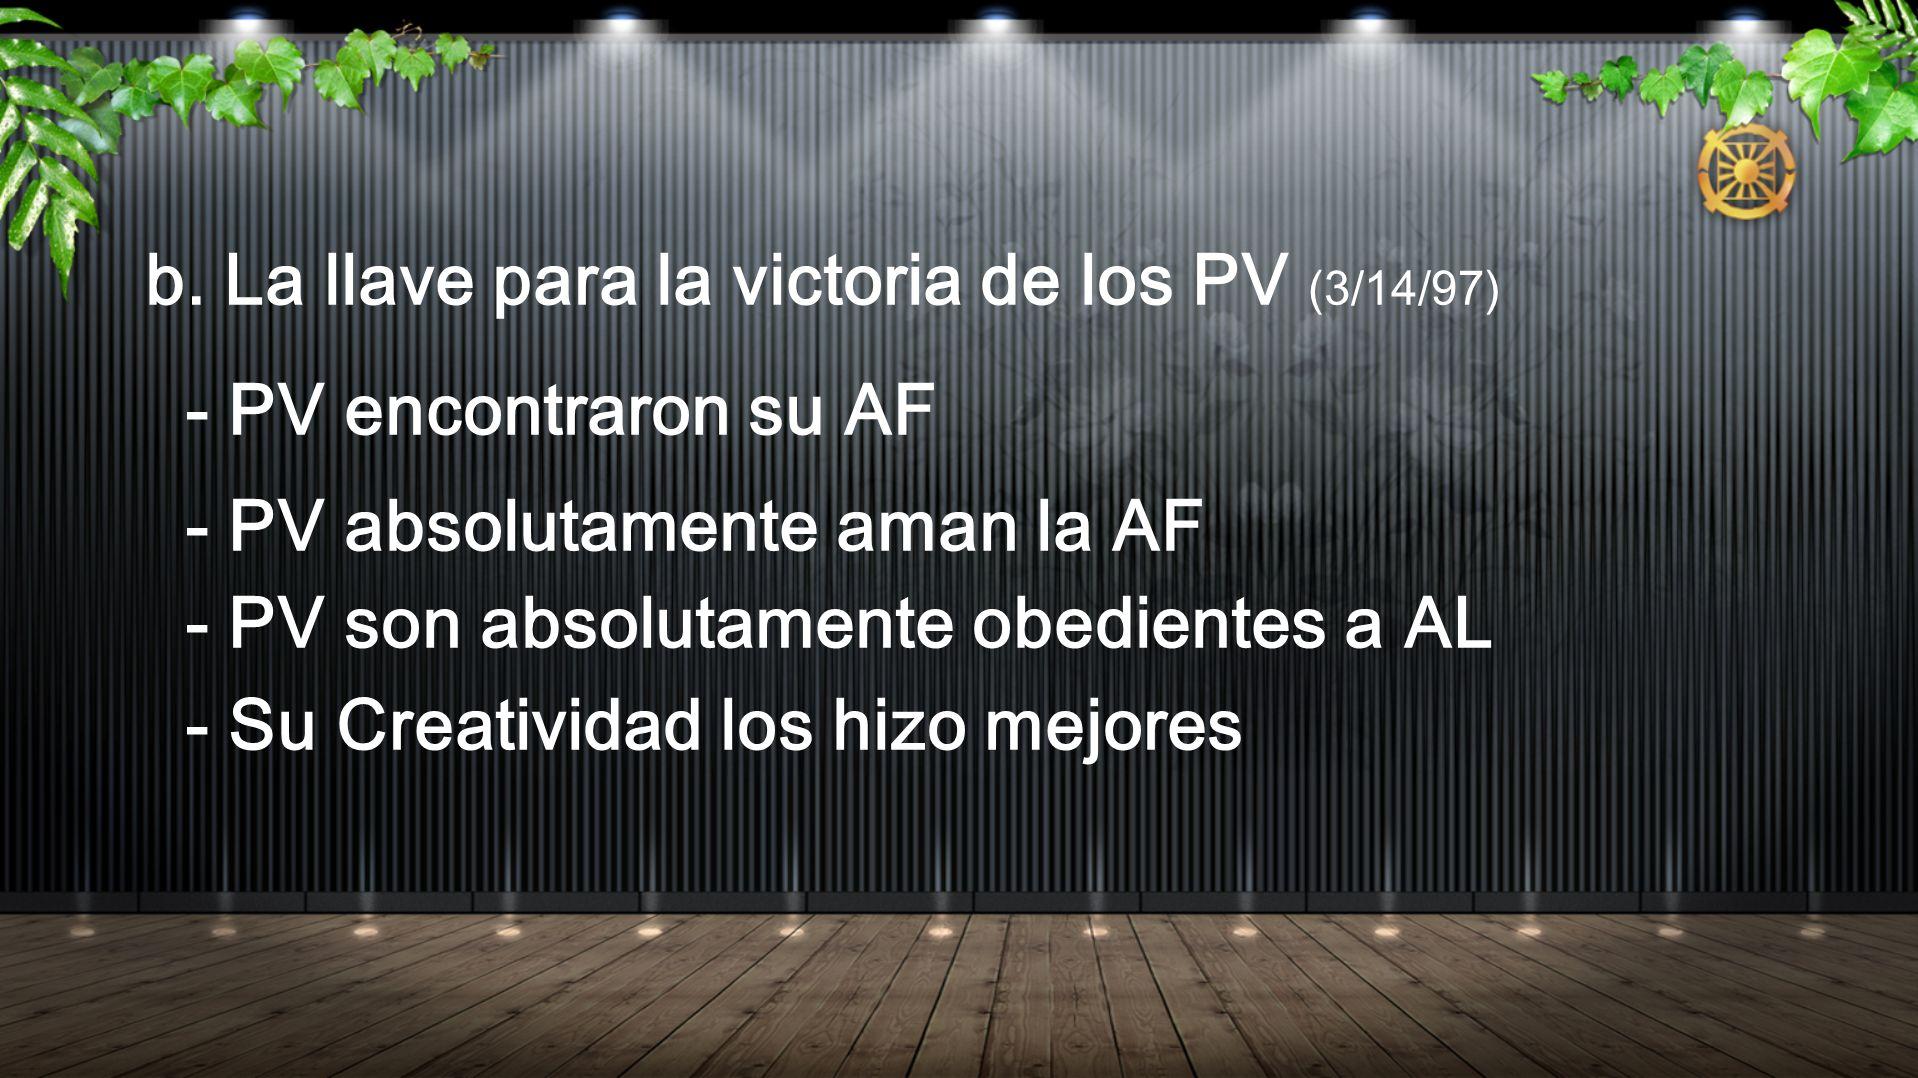 b. La llave para la victoria de los PV (3/14/97)